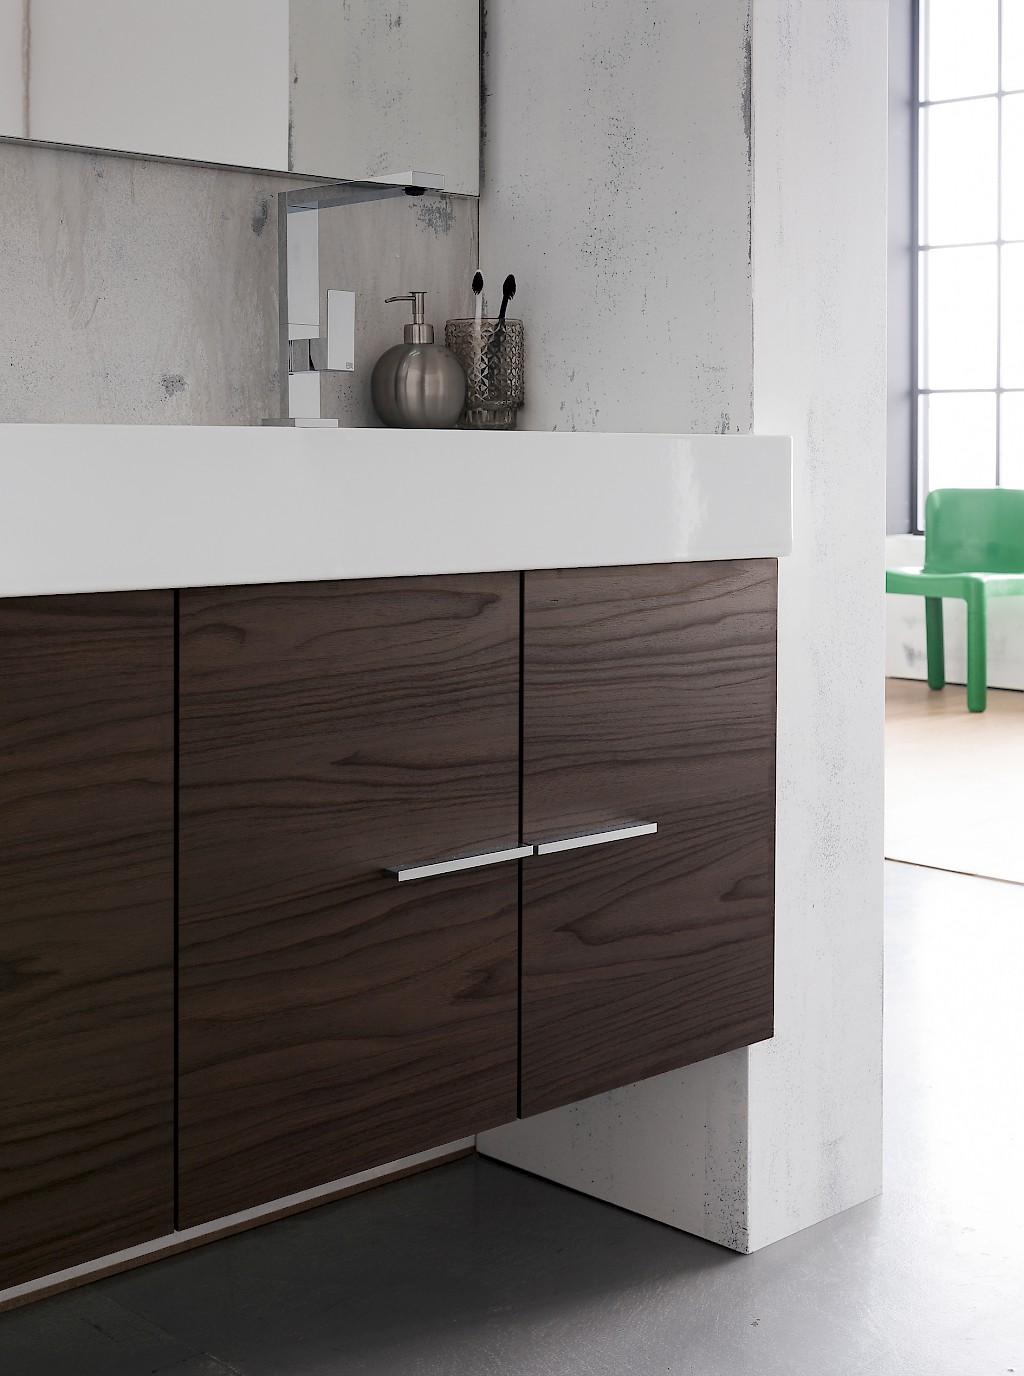 B201 79 Life - Mobile arredo bagno design L 142 x P 51,5 cm personalizzabile COMPAB - INTERNO77 ...